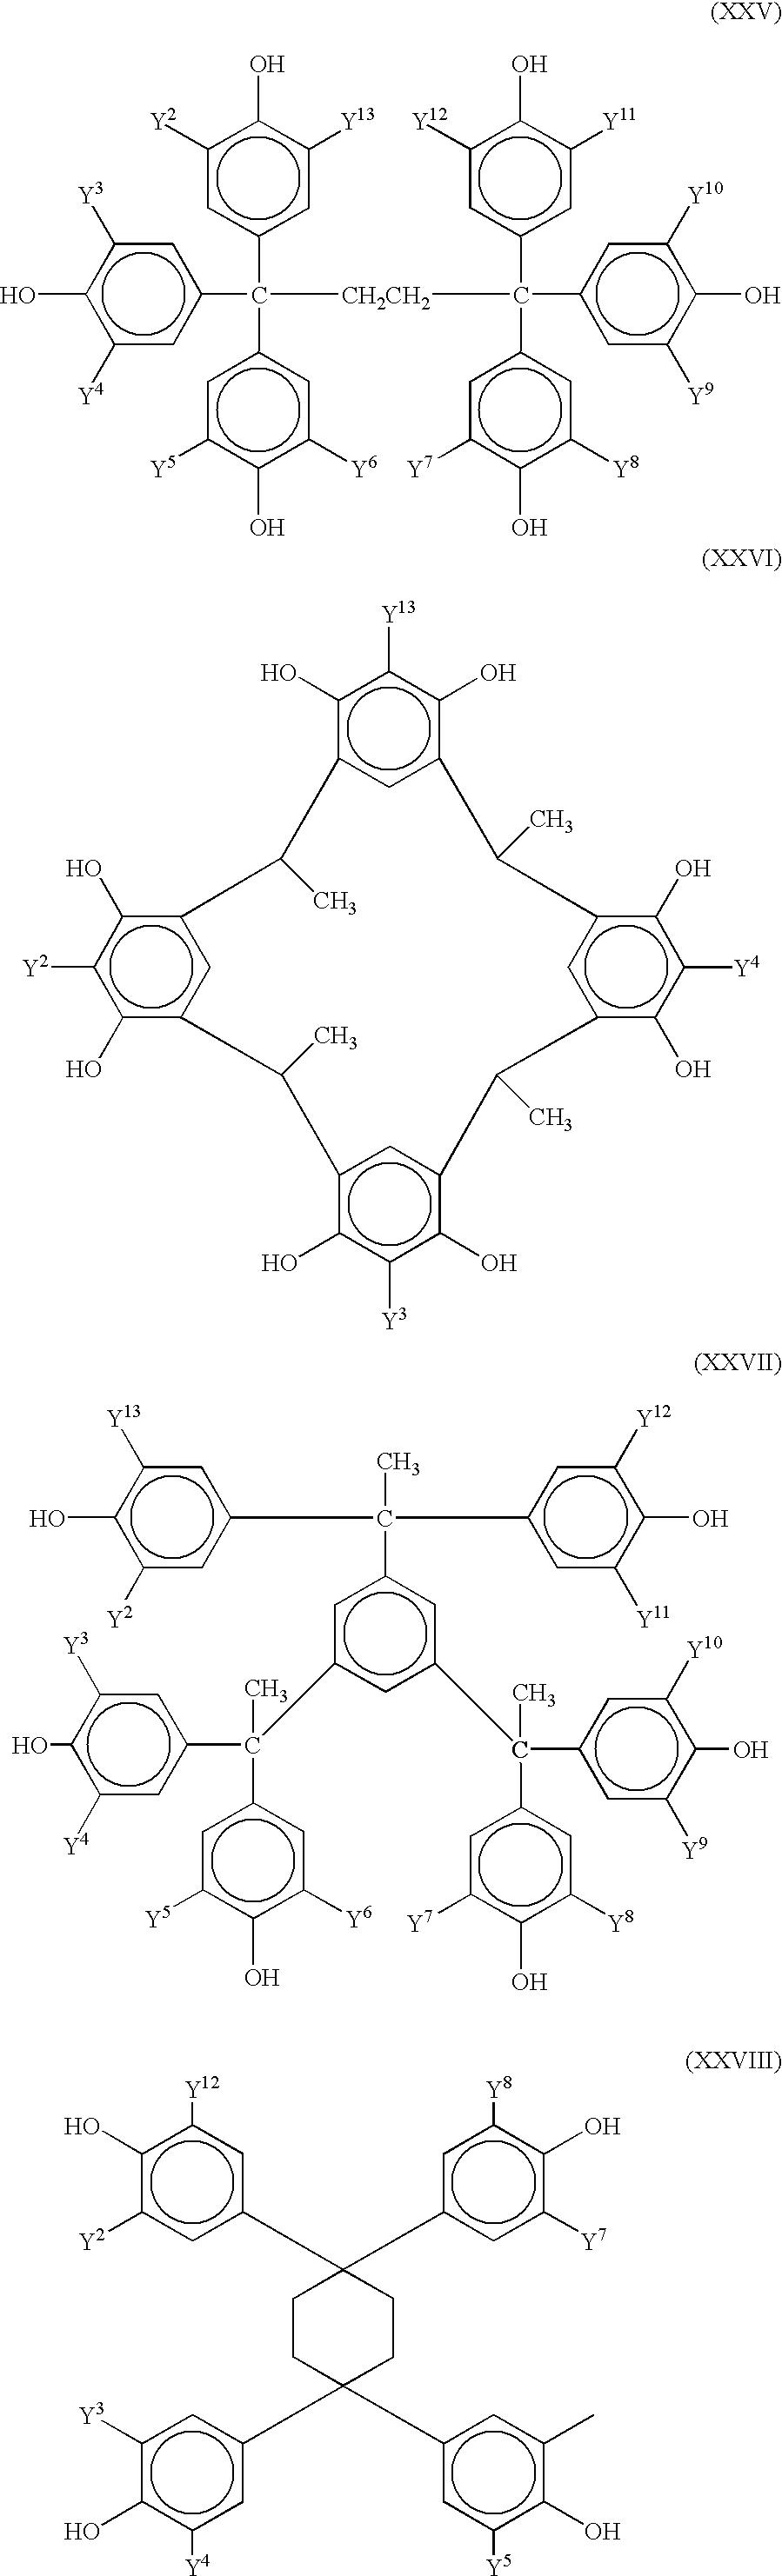 Figure US06890700-20050510-C00012